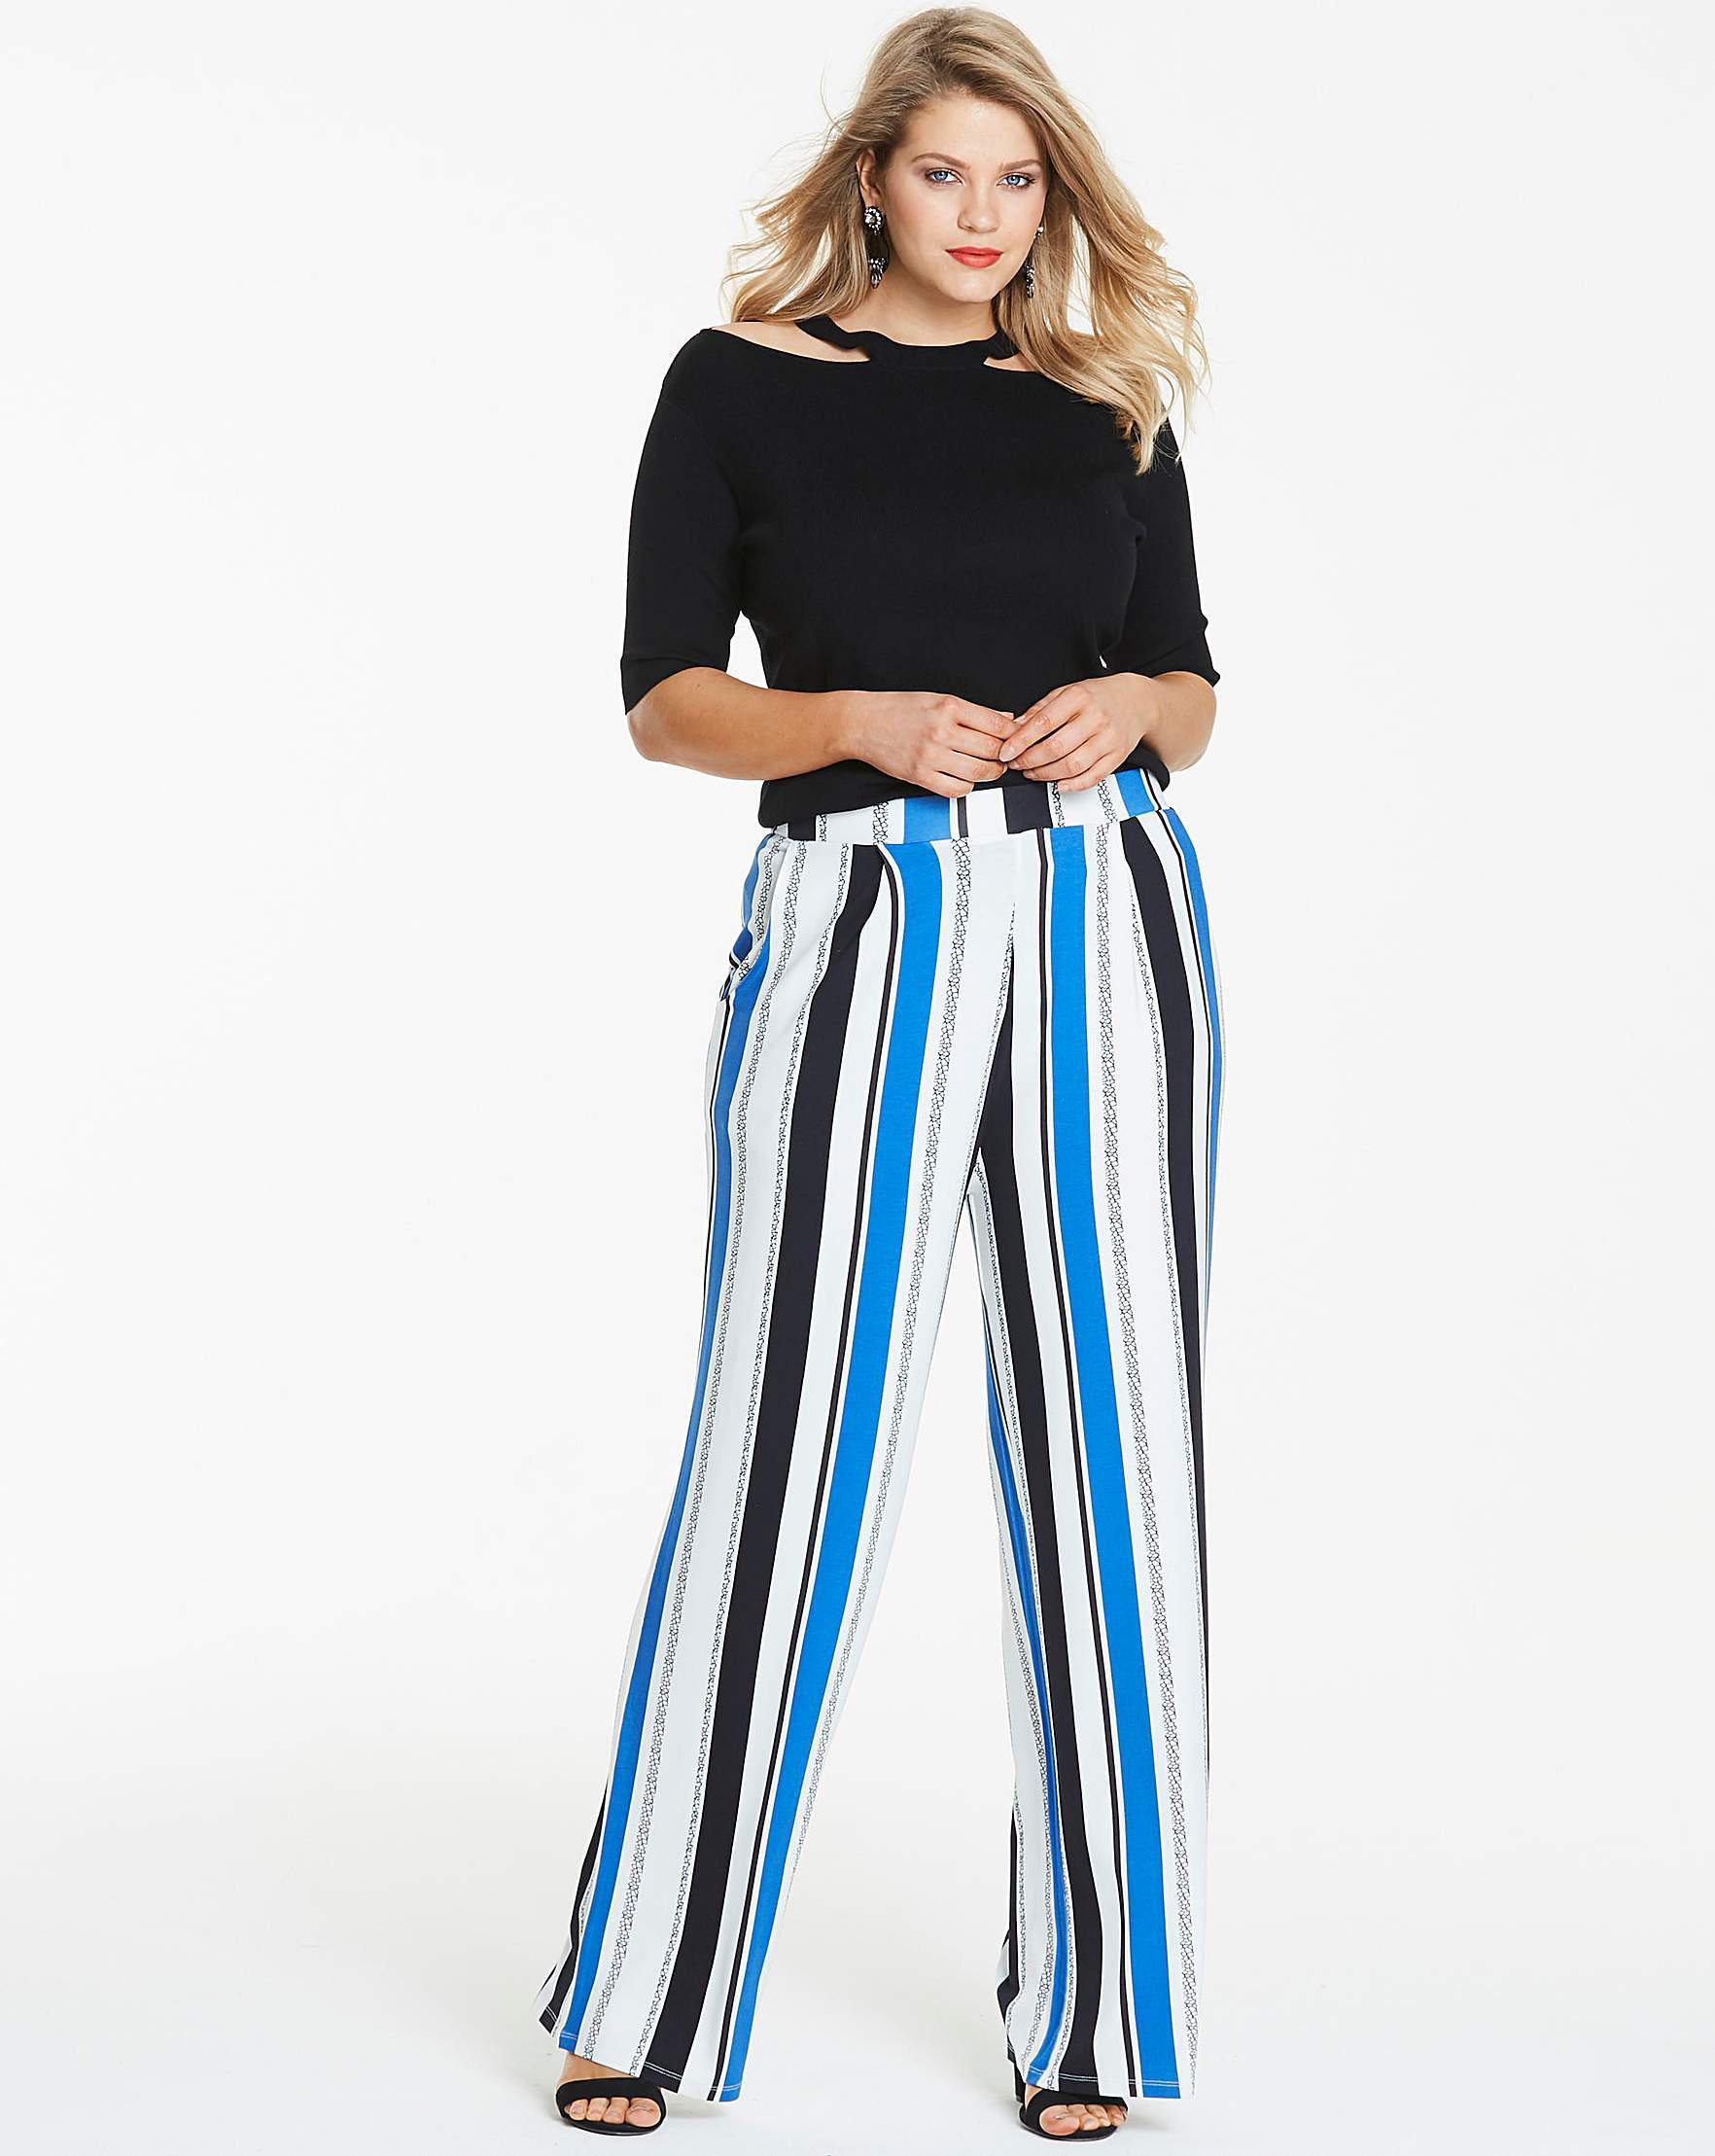 93d13051e4 Simply Be Stripe Wide Leg Jersey Trousers Reg in Blue - Lyst